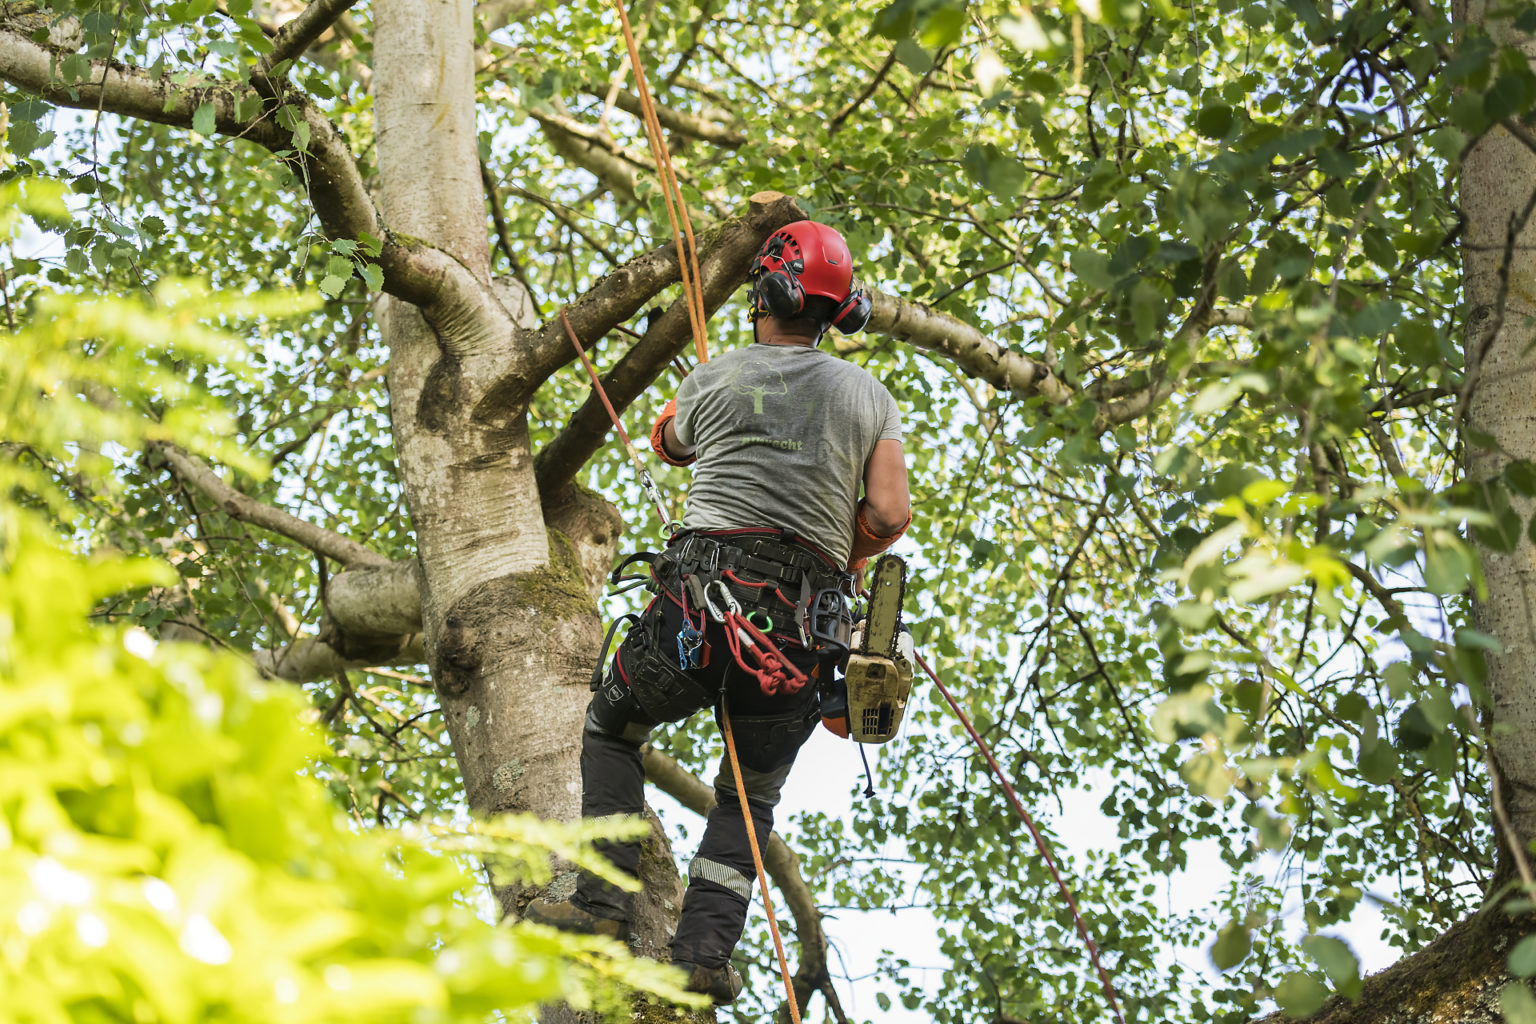 Cordée et sécurité, portrait d'entrepreneur de Nico l'arboriste par Aurore Delsoir photographe d'entreprise